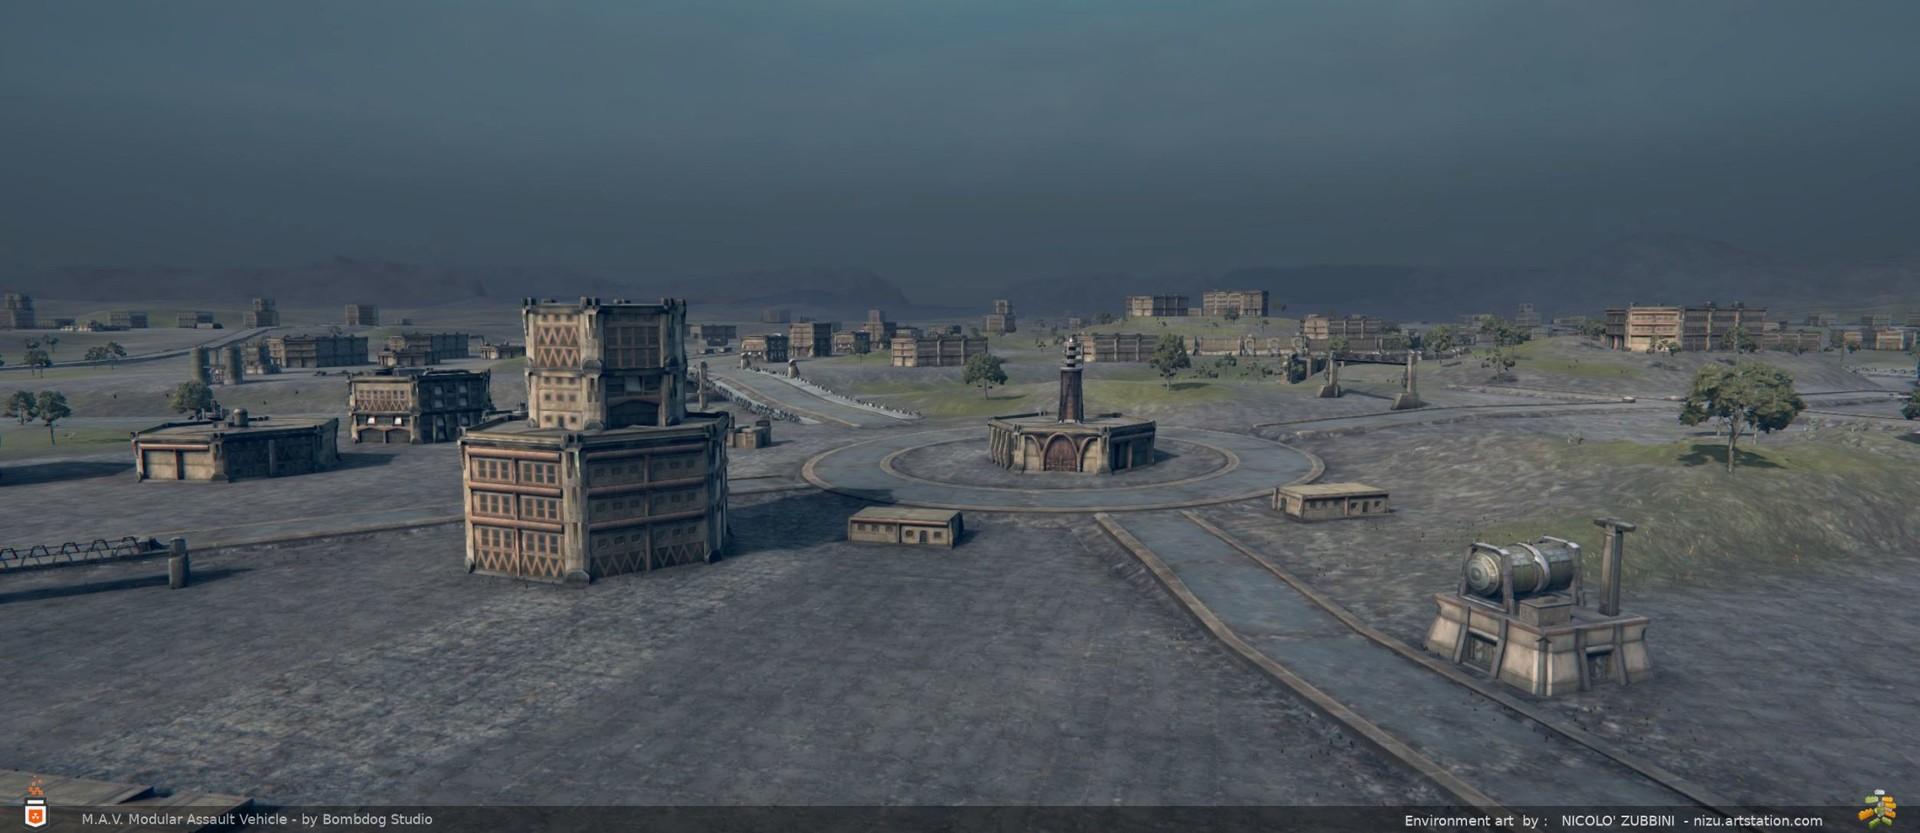 Nicolo zubbini city3